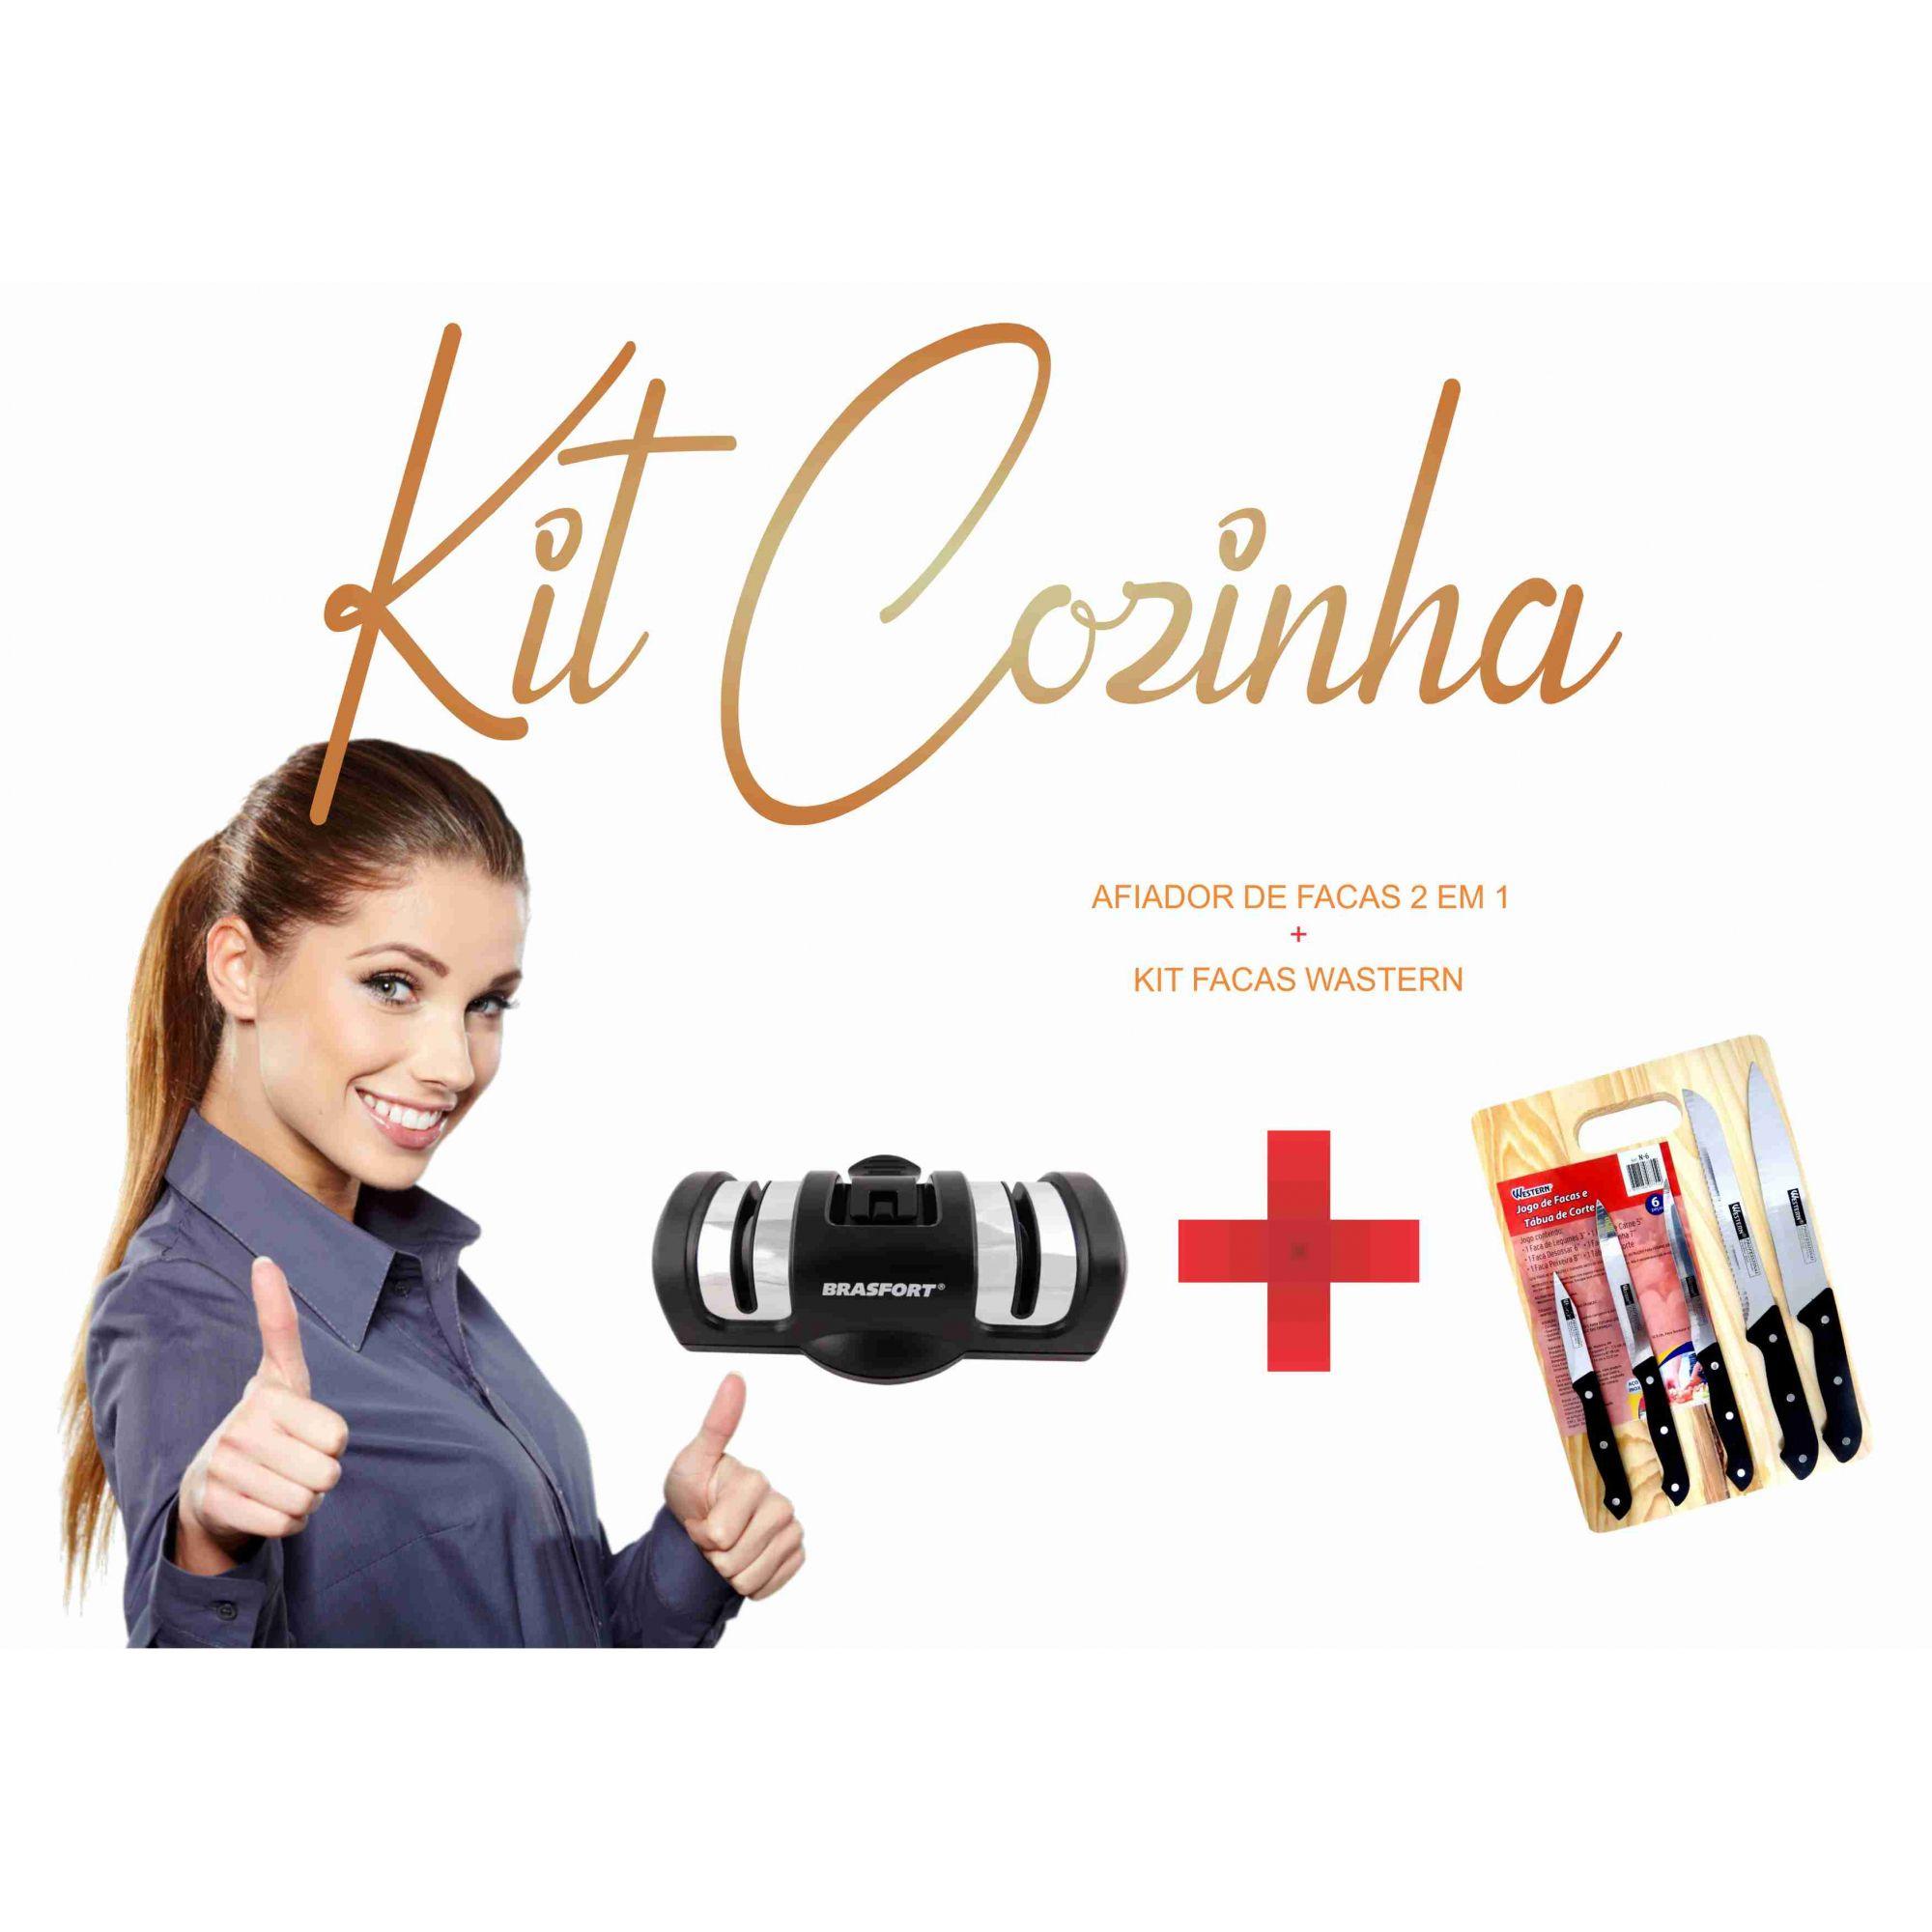 Kit Afiador de Facas + Kit Churrasco